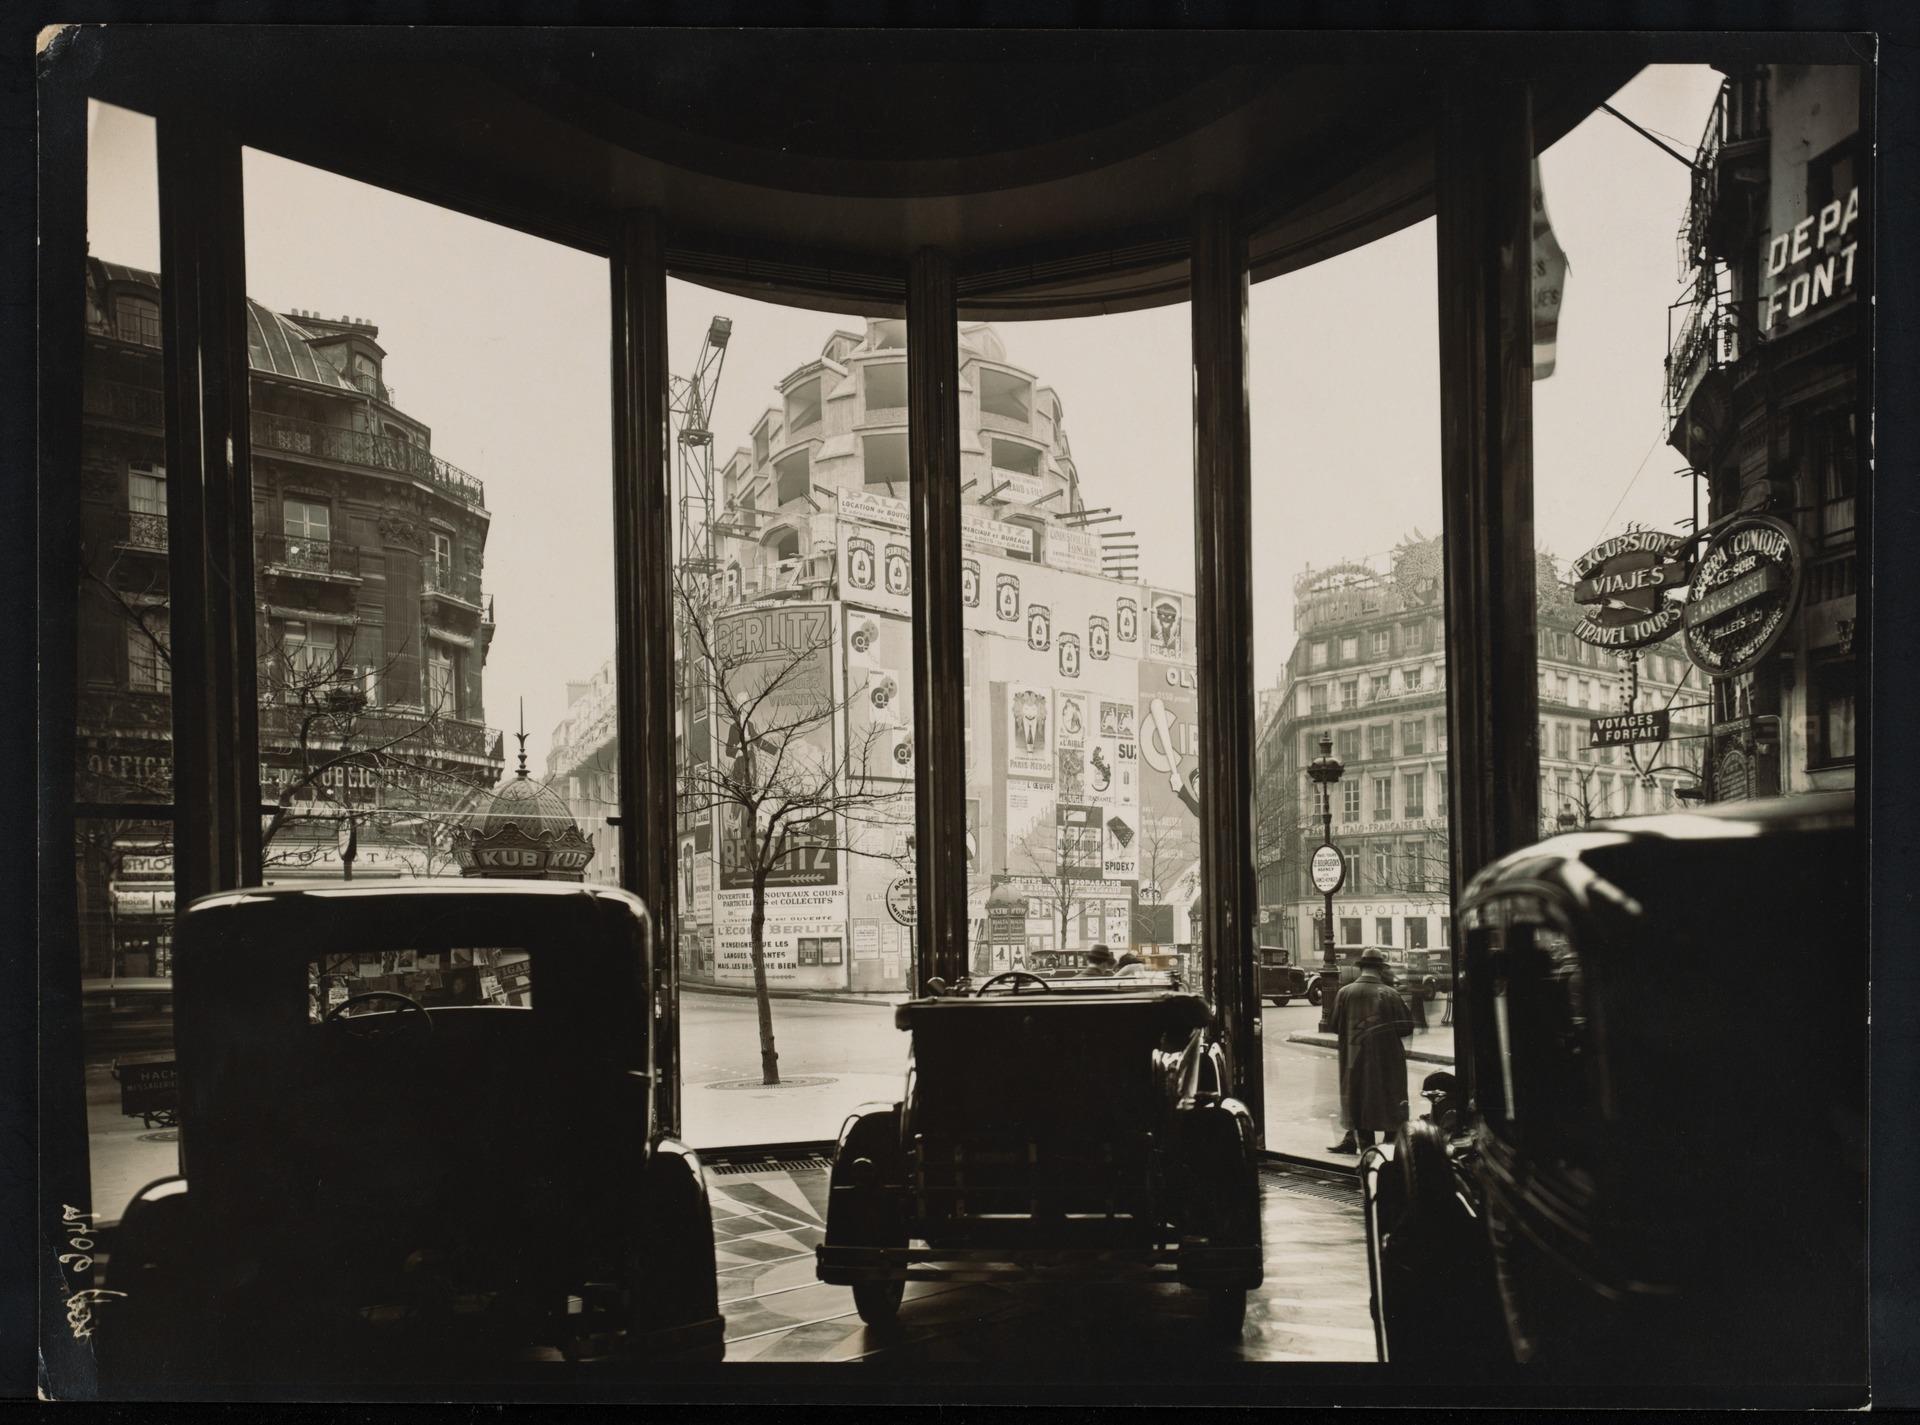 Magasin d'automibles, à Paris; architecte: Michel Roux-Spitz, 1931.